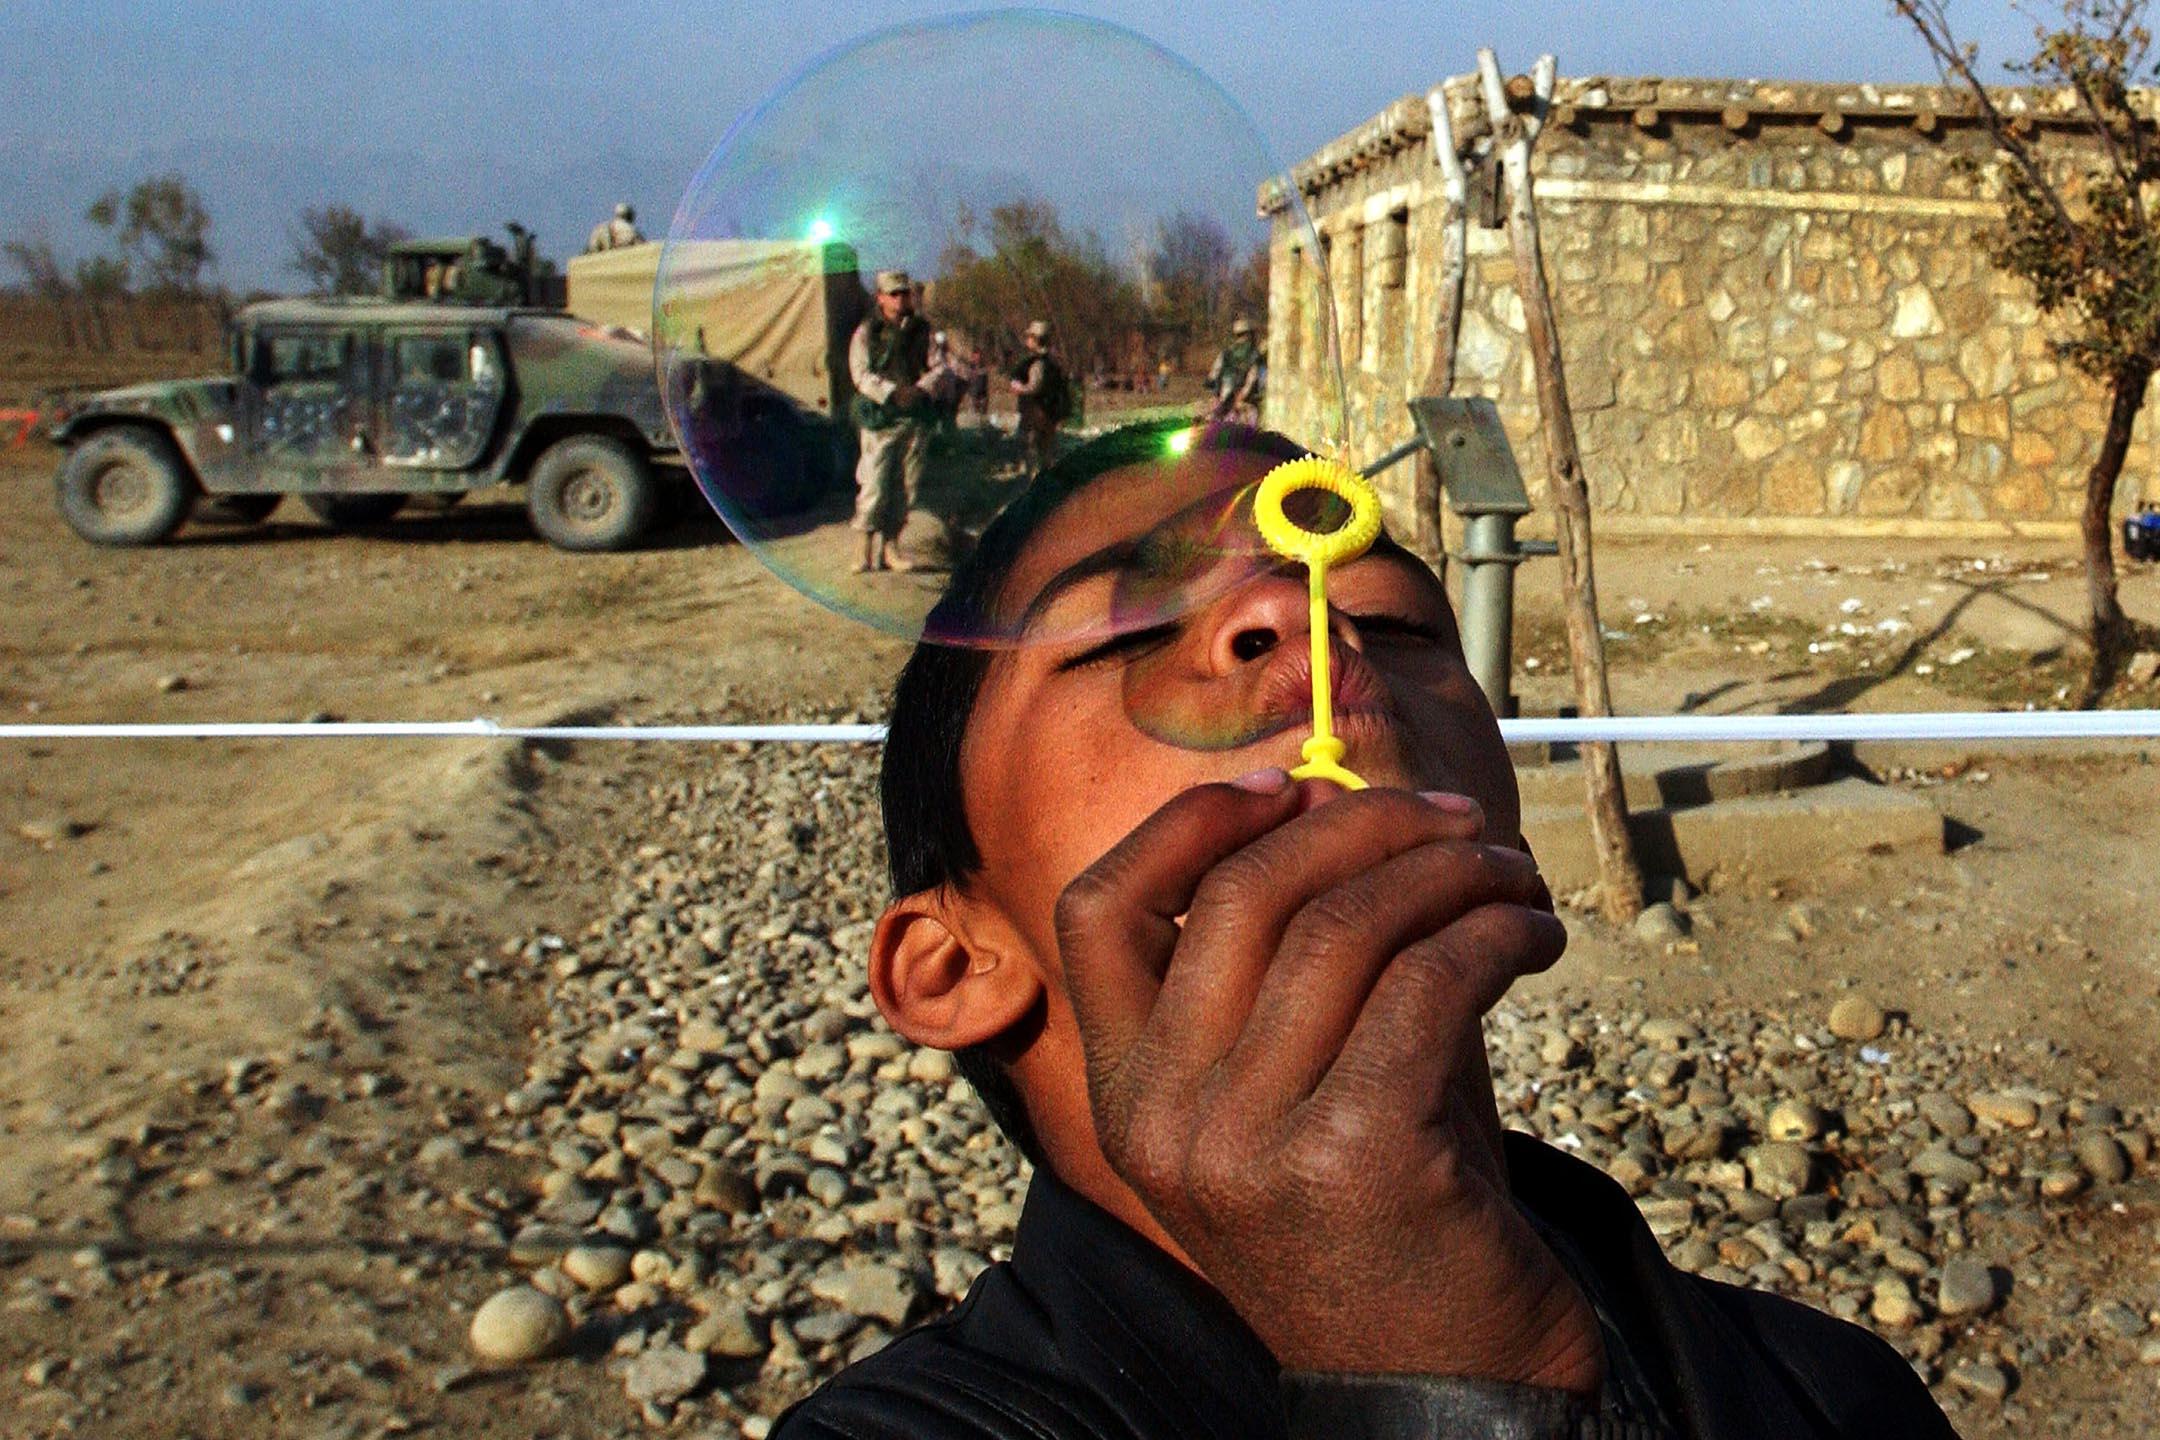 2002年12月3日阿富汗,一名阿富汗男孩吹著美國軍隊送給他的泡泡。